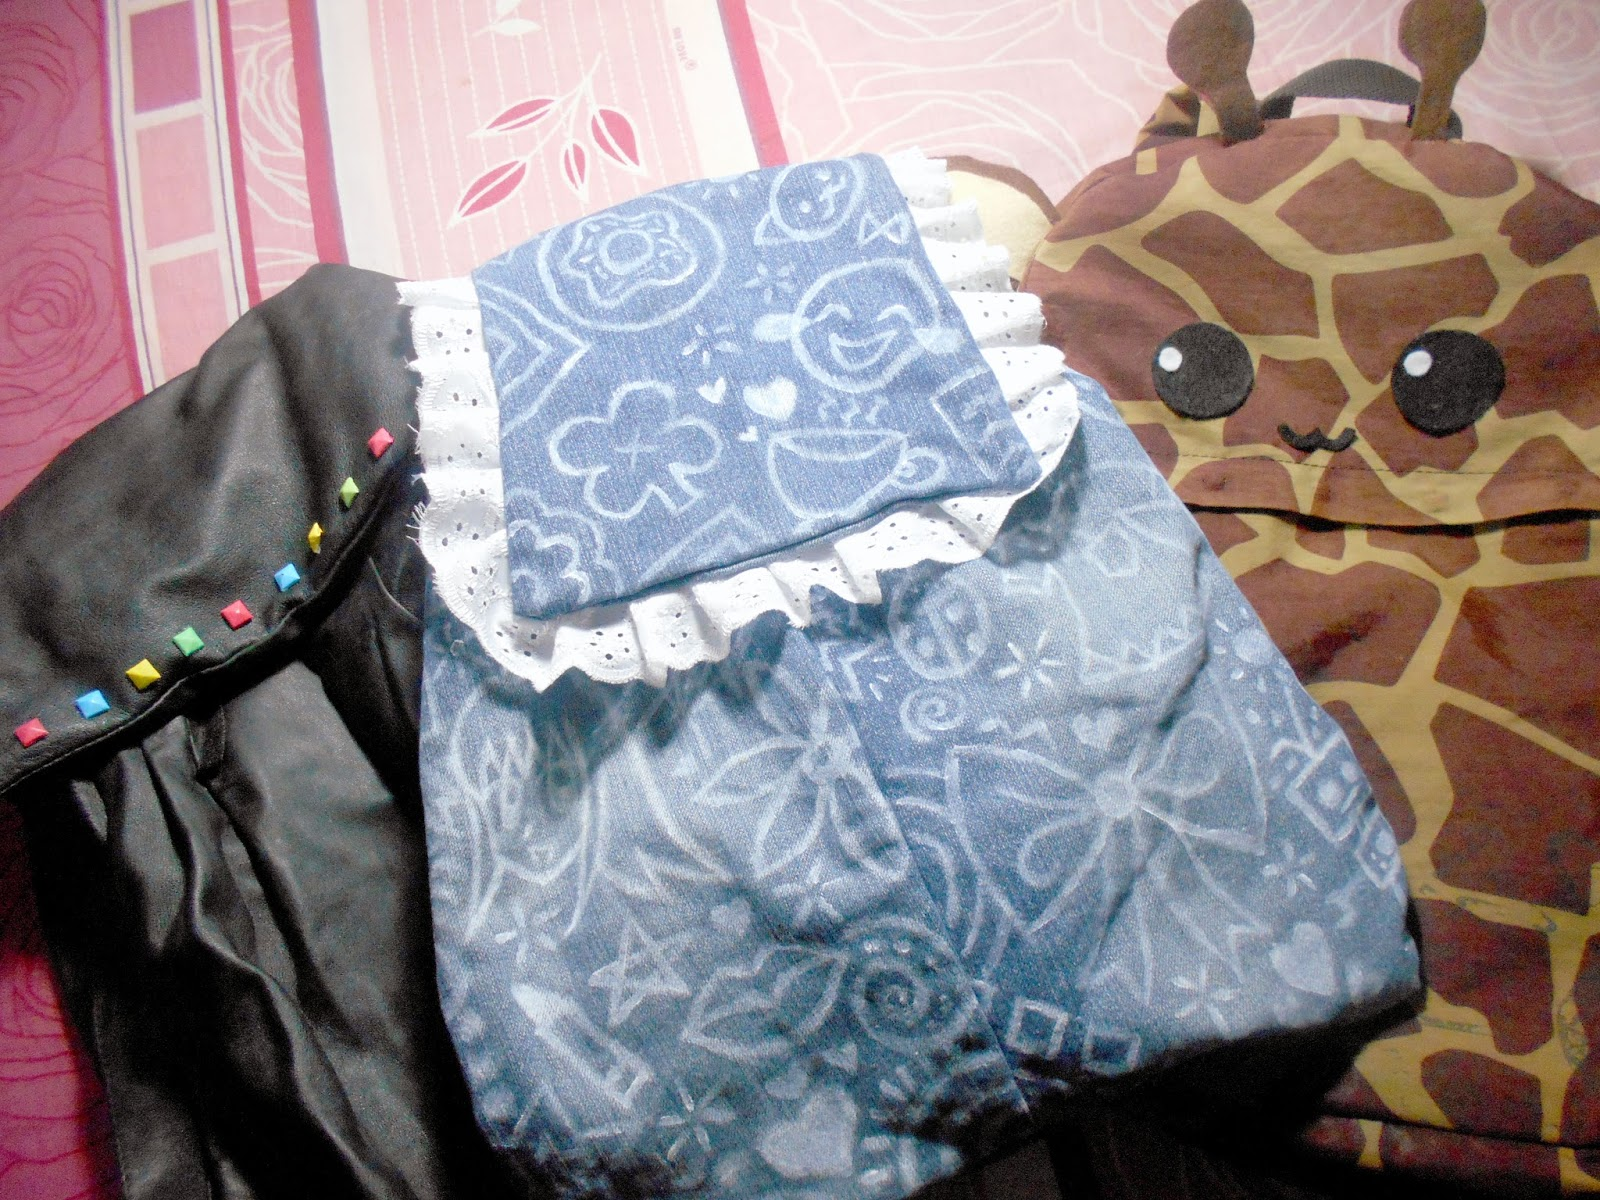 DIY Backpack Decoration - Back to School & DIY Backpack Decoration Ideas! - Back to School